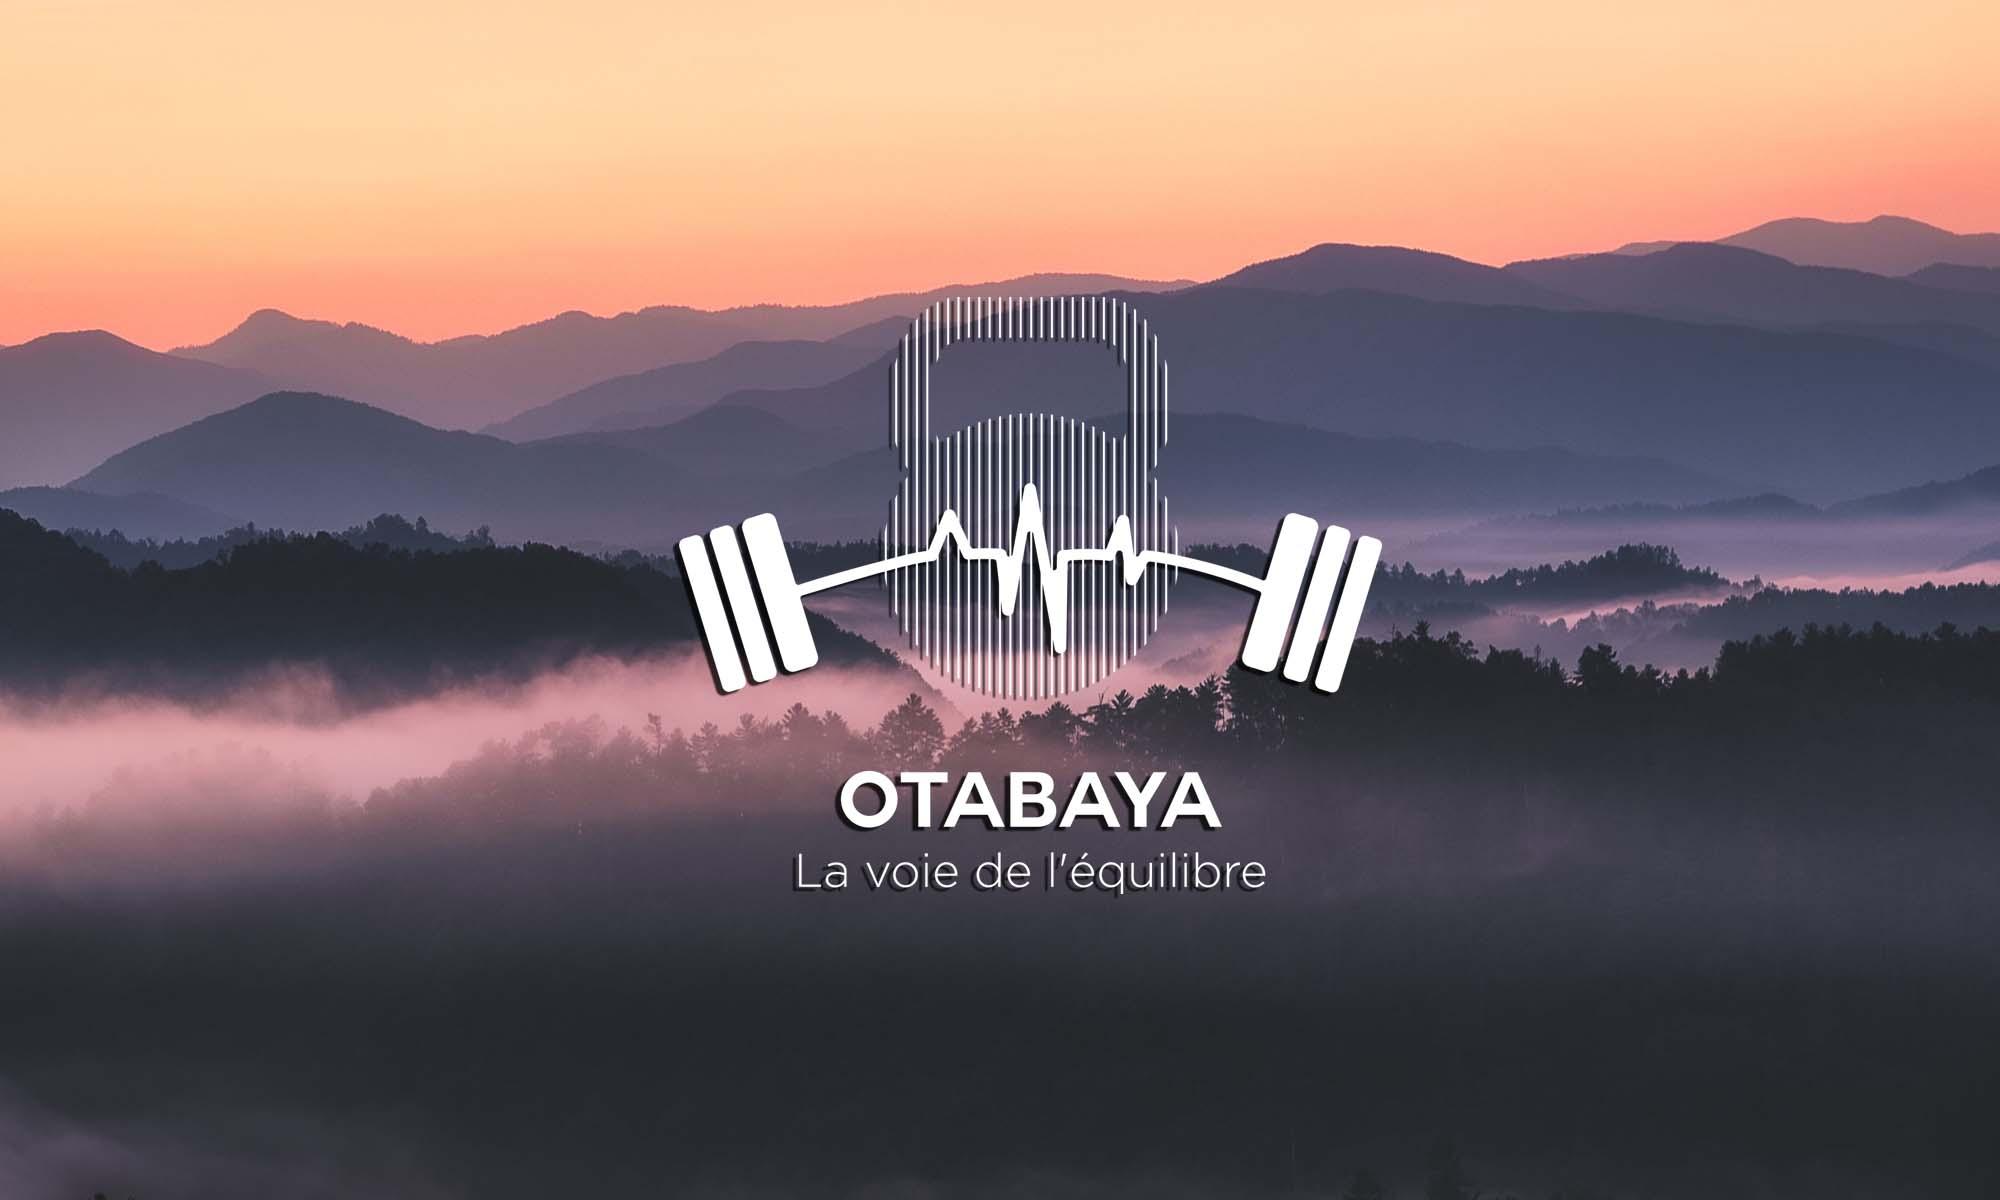 Otabaya